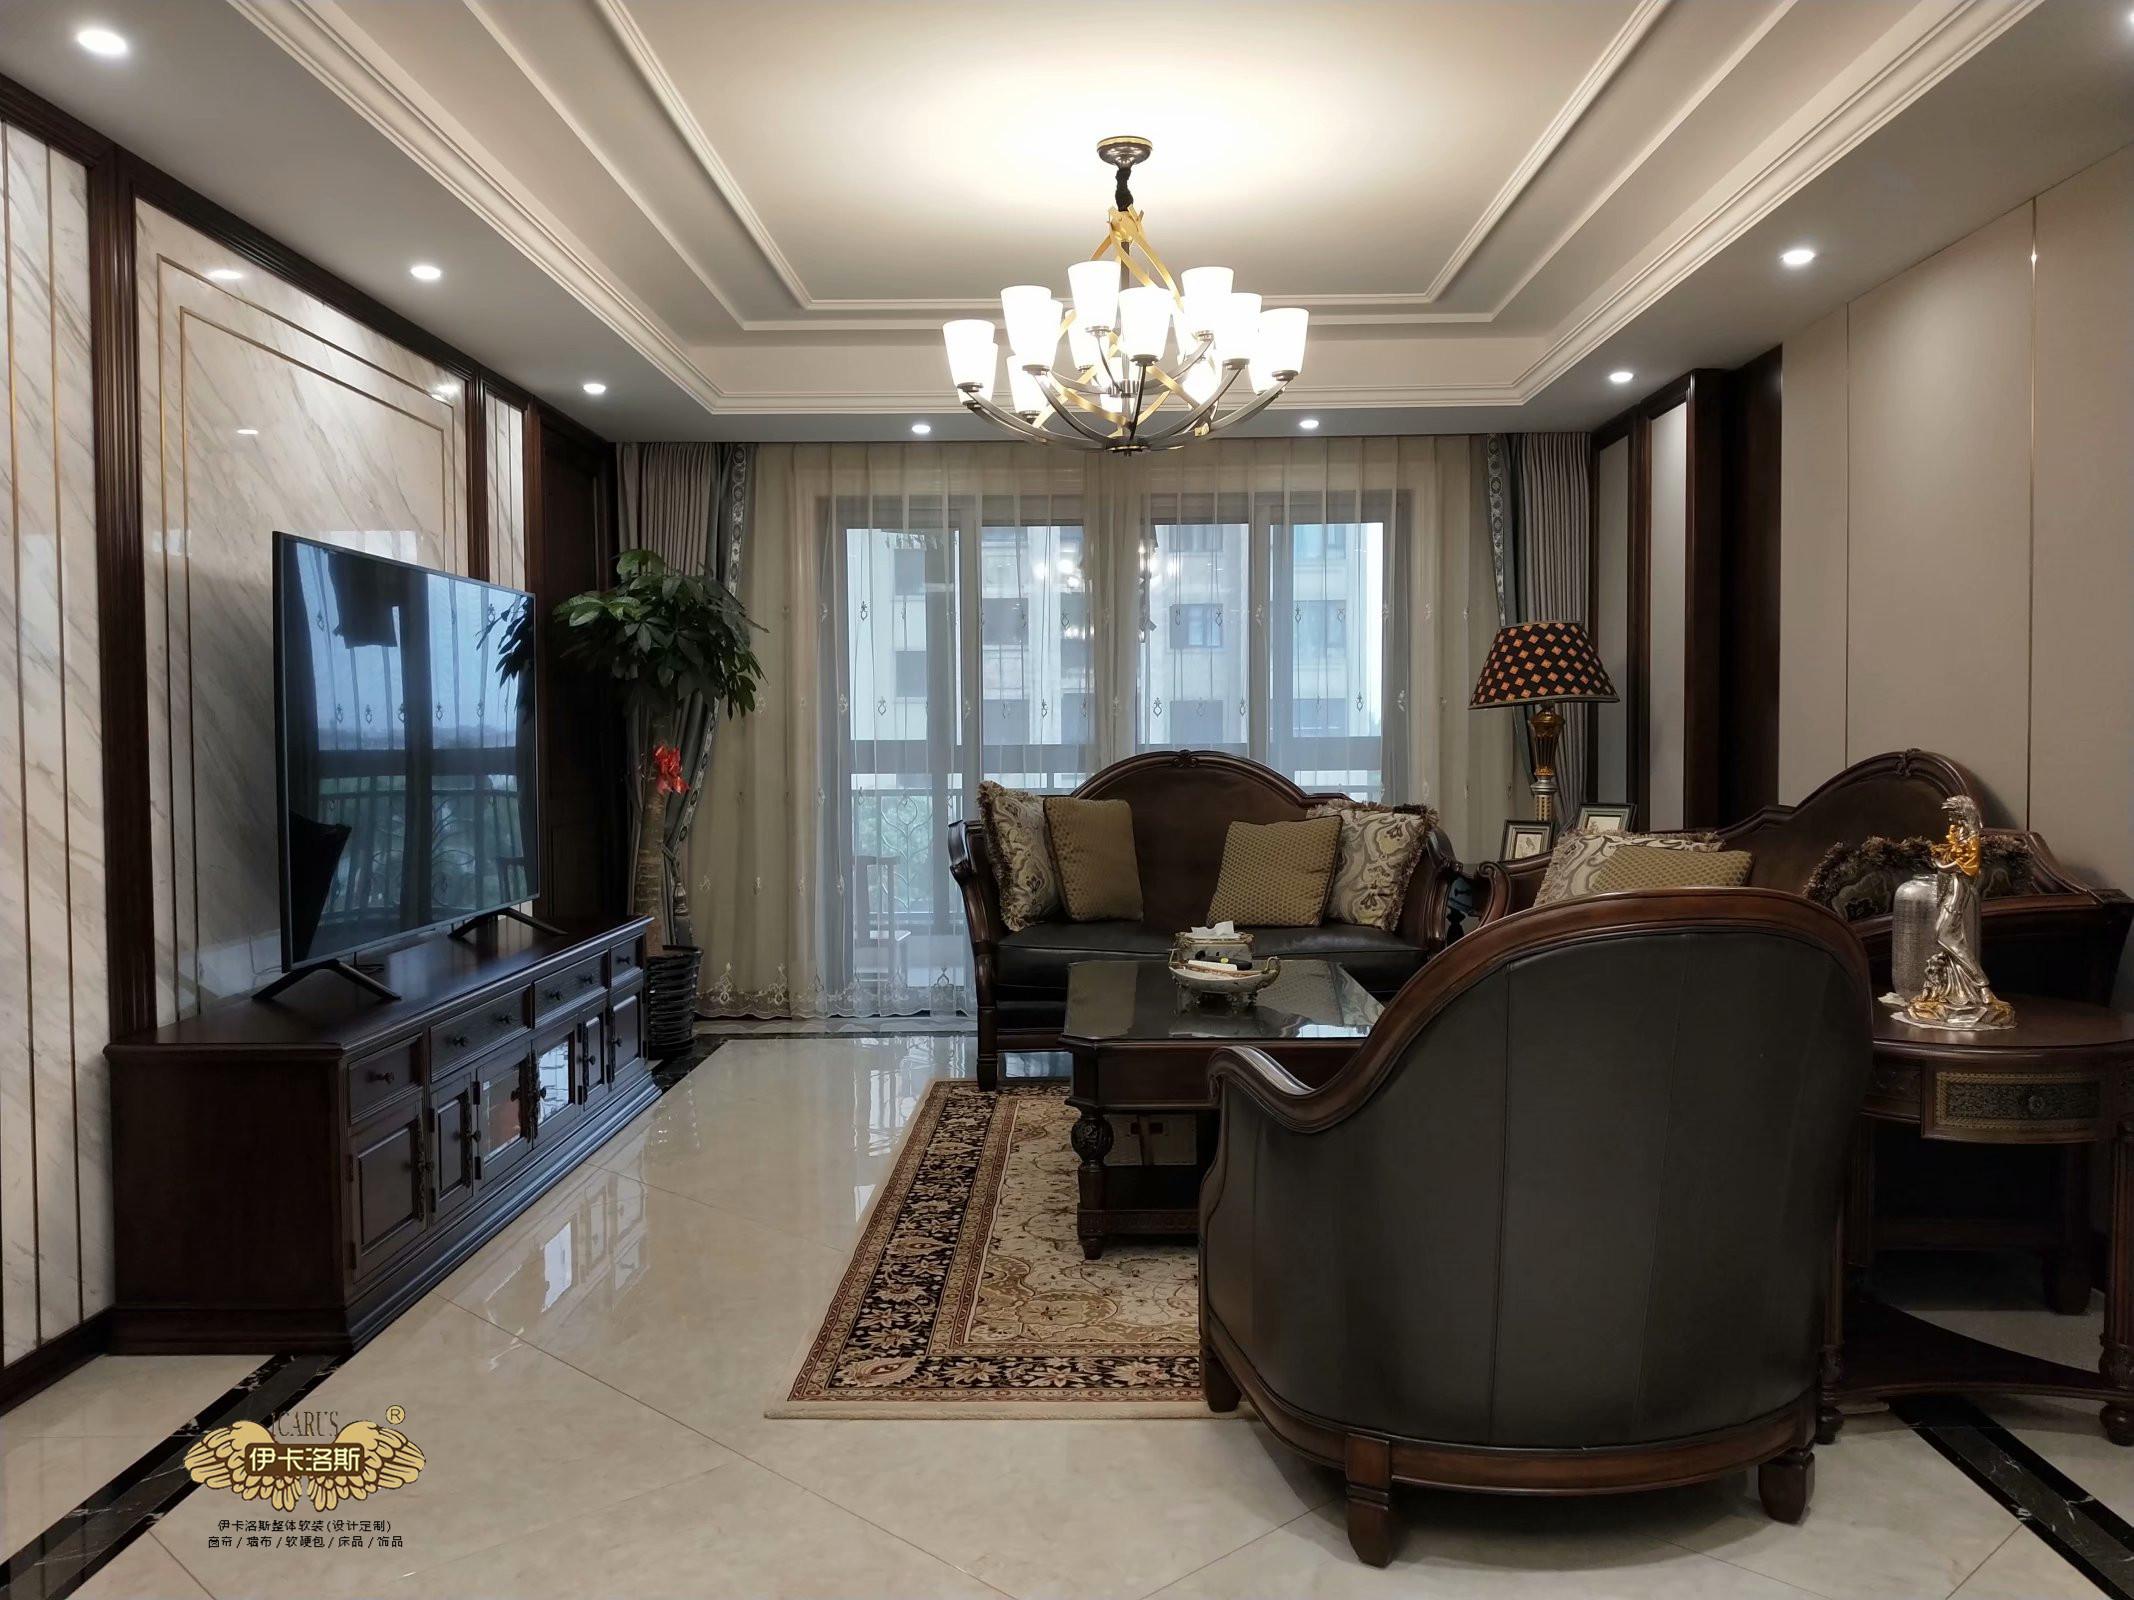 别墅窗帘款式效果你喜欢哪种?别墅窗帘装饰效果图